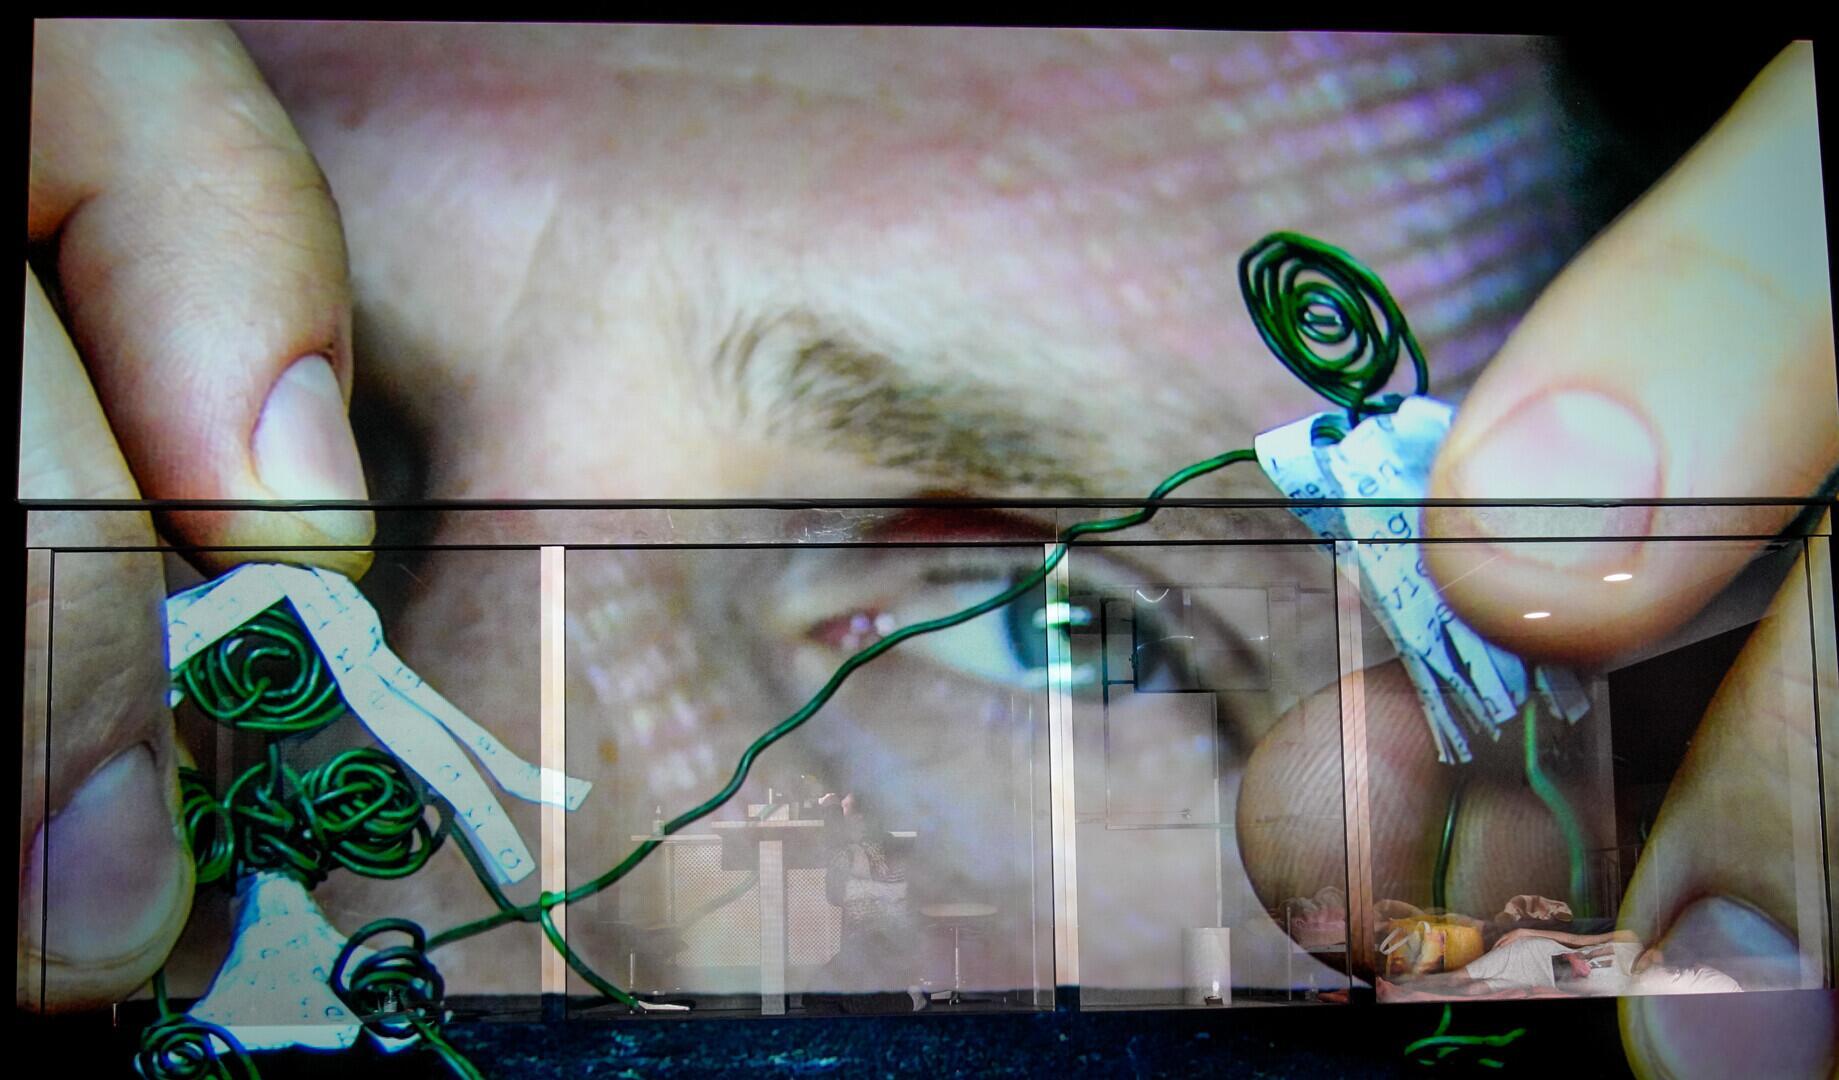 © Arno Declair, Woyzeck Interrupted. Die riesige Leinwandprojektion auf der Bühnenwand zeigt den Ausschnitt eines männlichen Kopfes der mit seinen Fingern verzweigte grüne Drähte, umgeben von kleinen Papierfransen, anfasst und diese Konstruktion betrachtet.